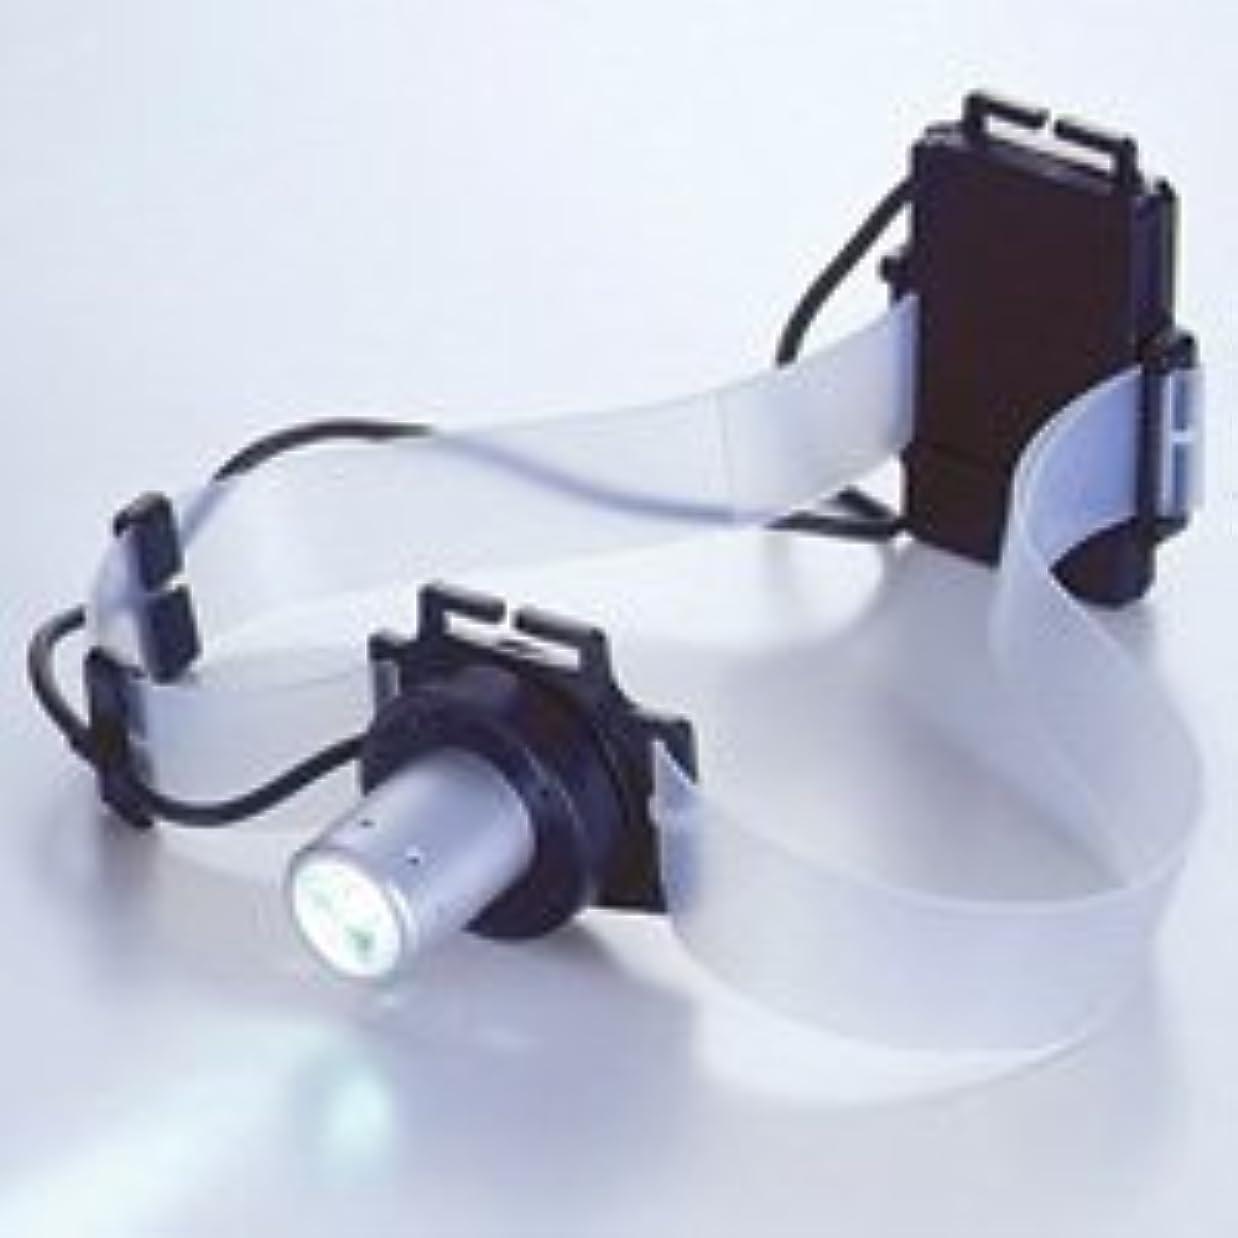 スチールひいきにする失速LEDヘッドライトシリコンバンド付 高輝度白色LED1灯 SLE-2